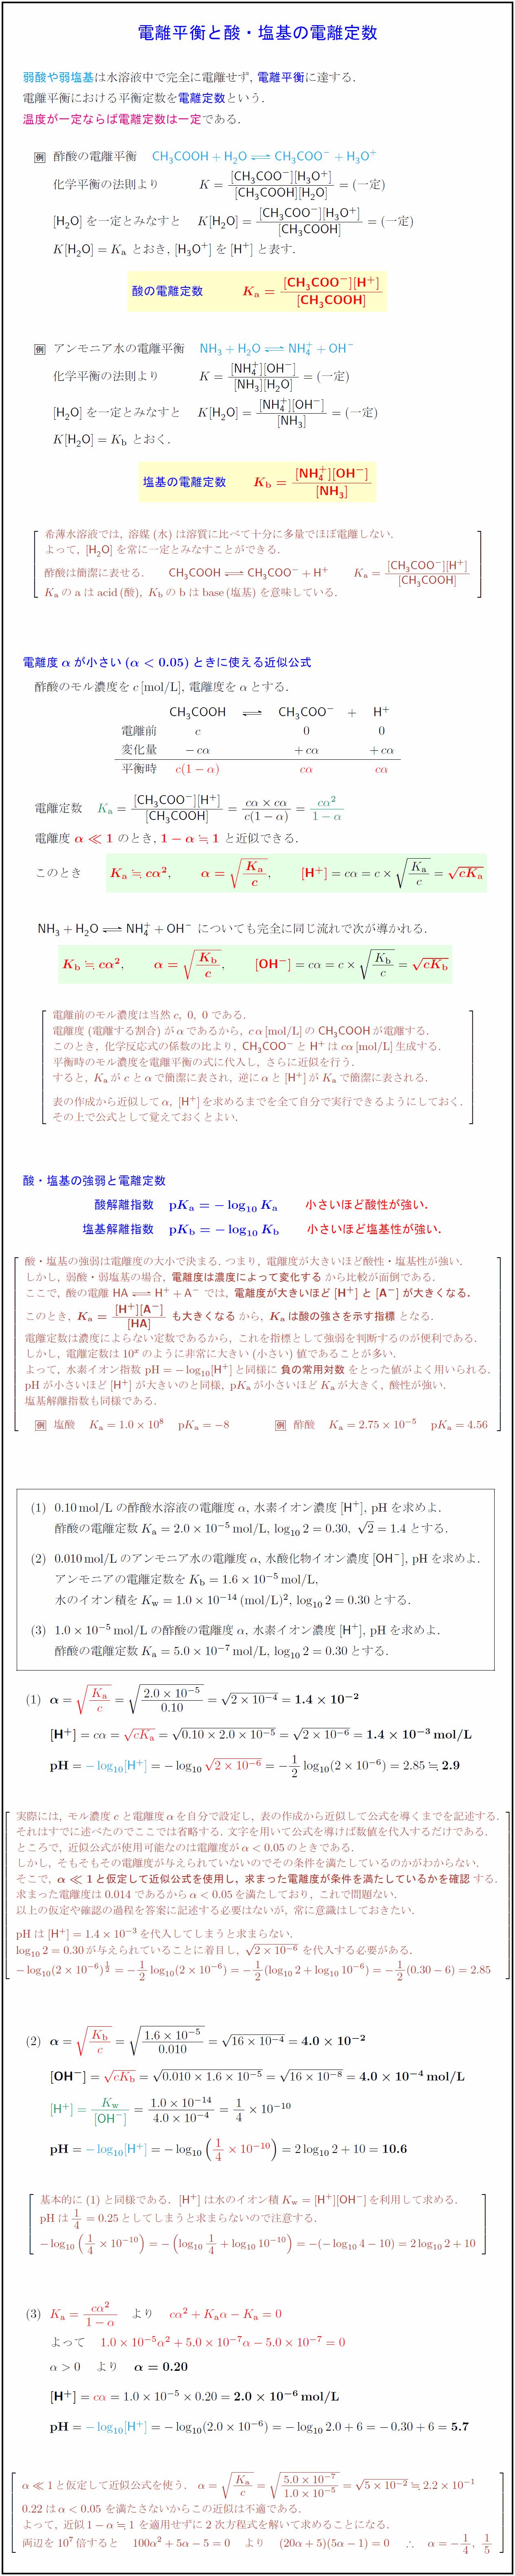 ionization-equilibrium